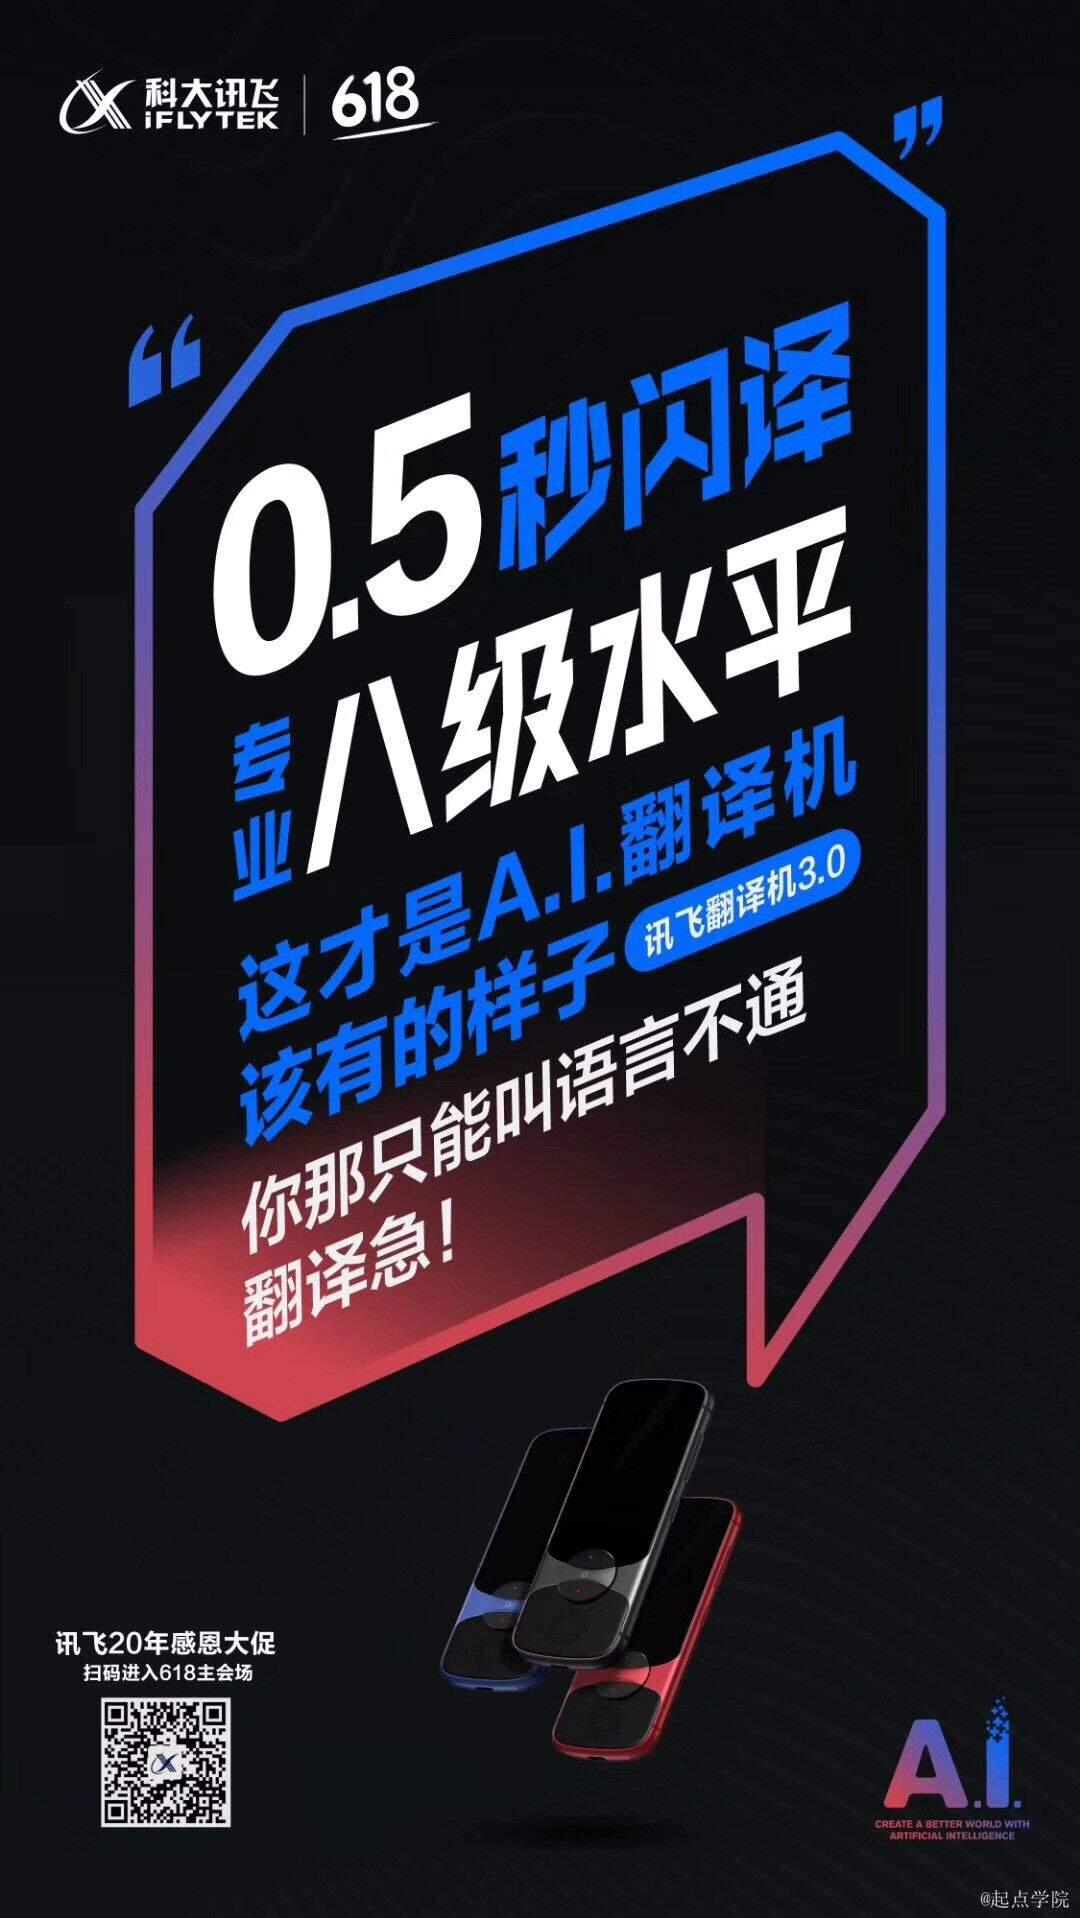 9组电子产品宣传海报设计灵感